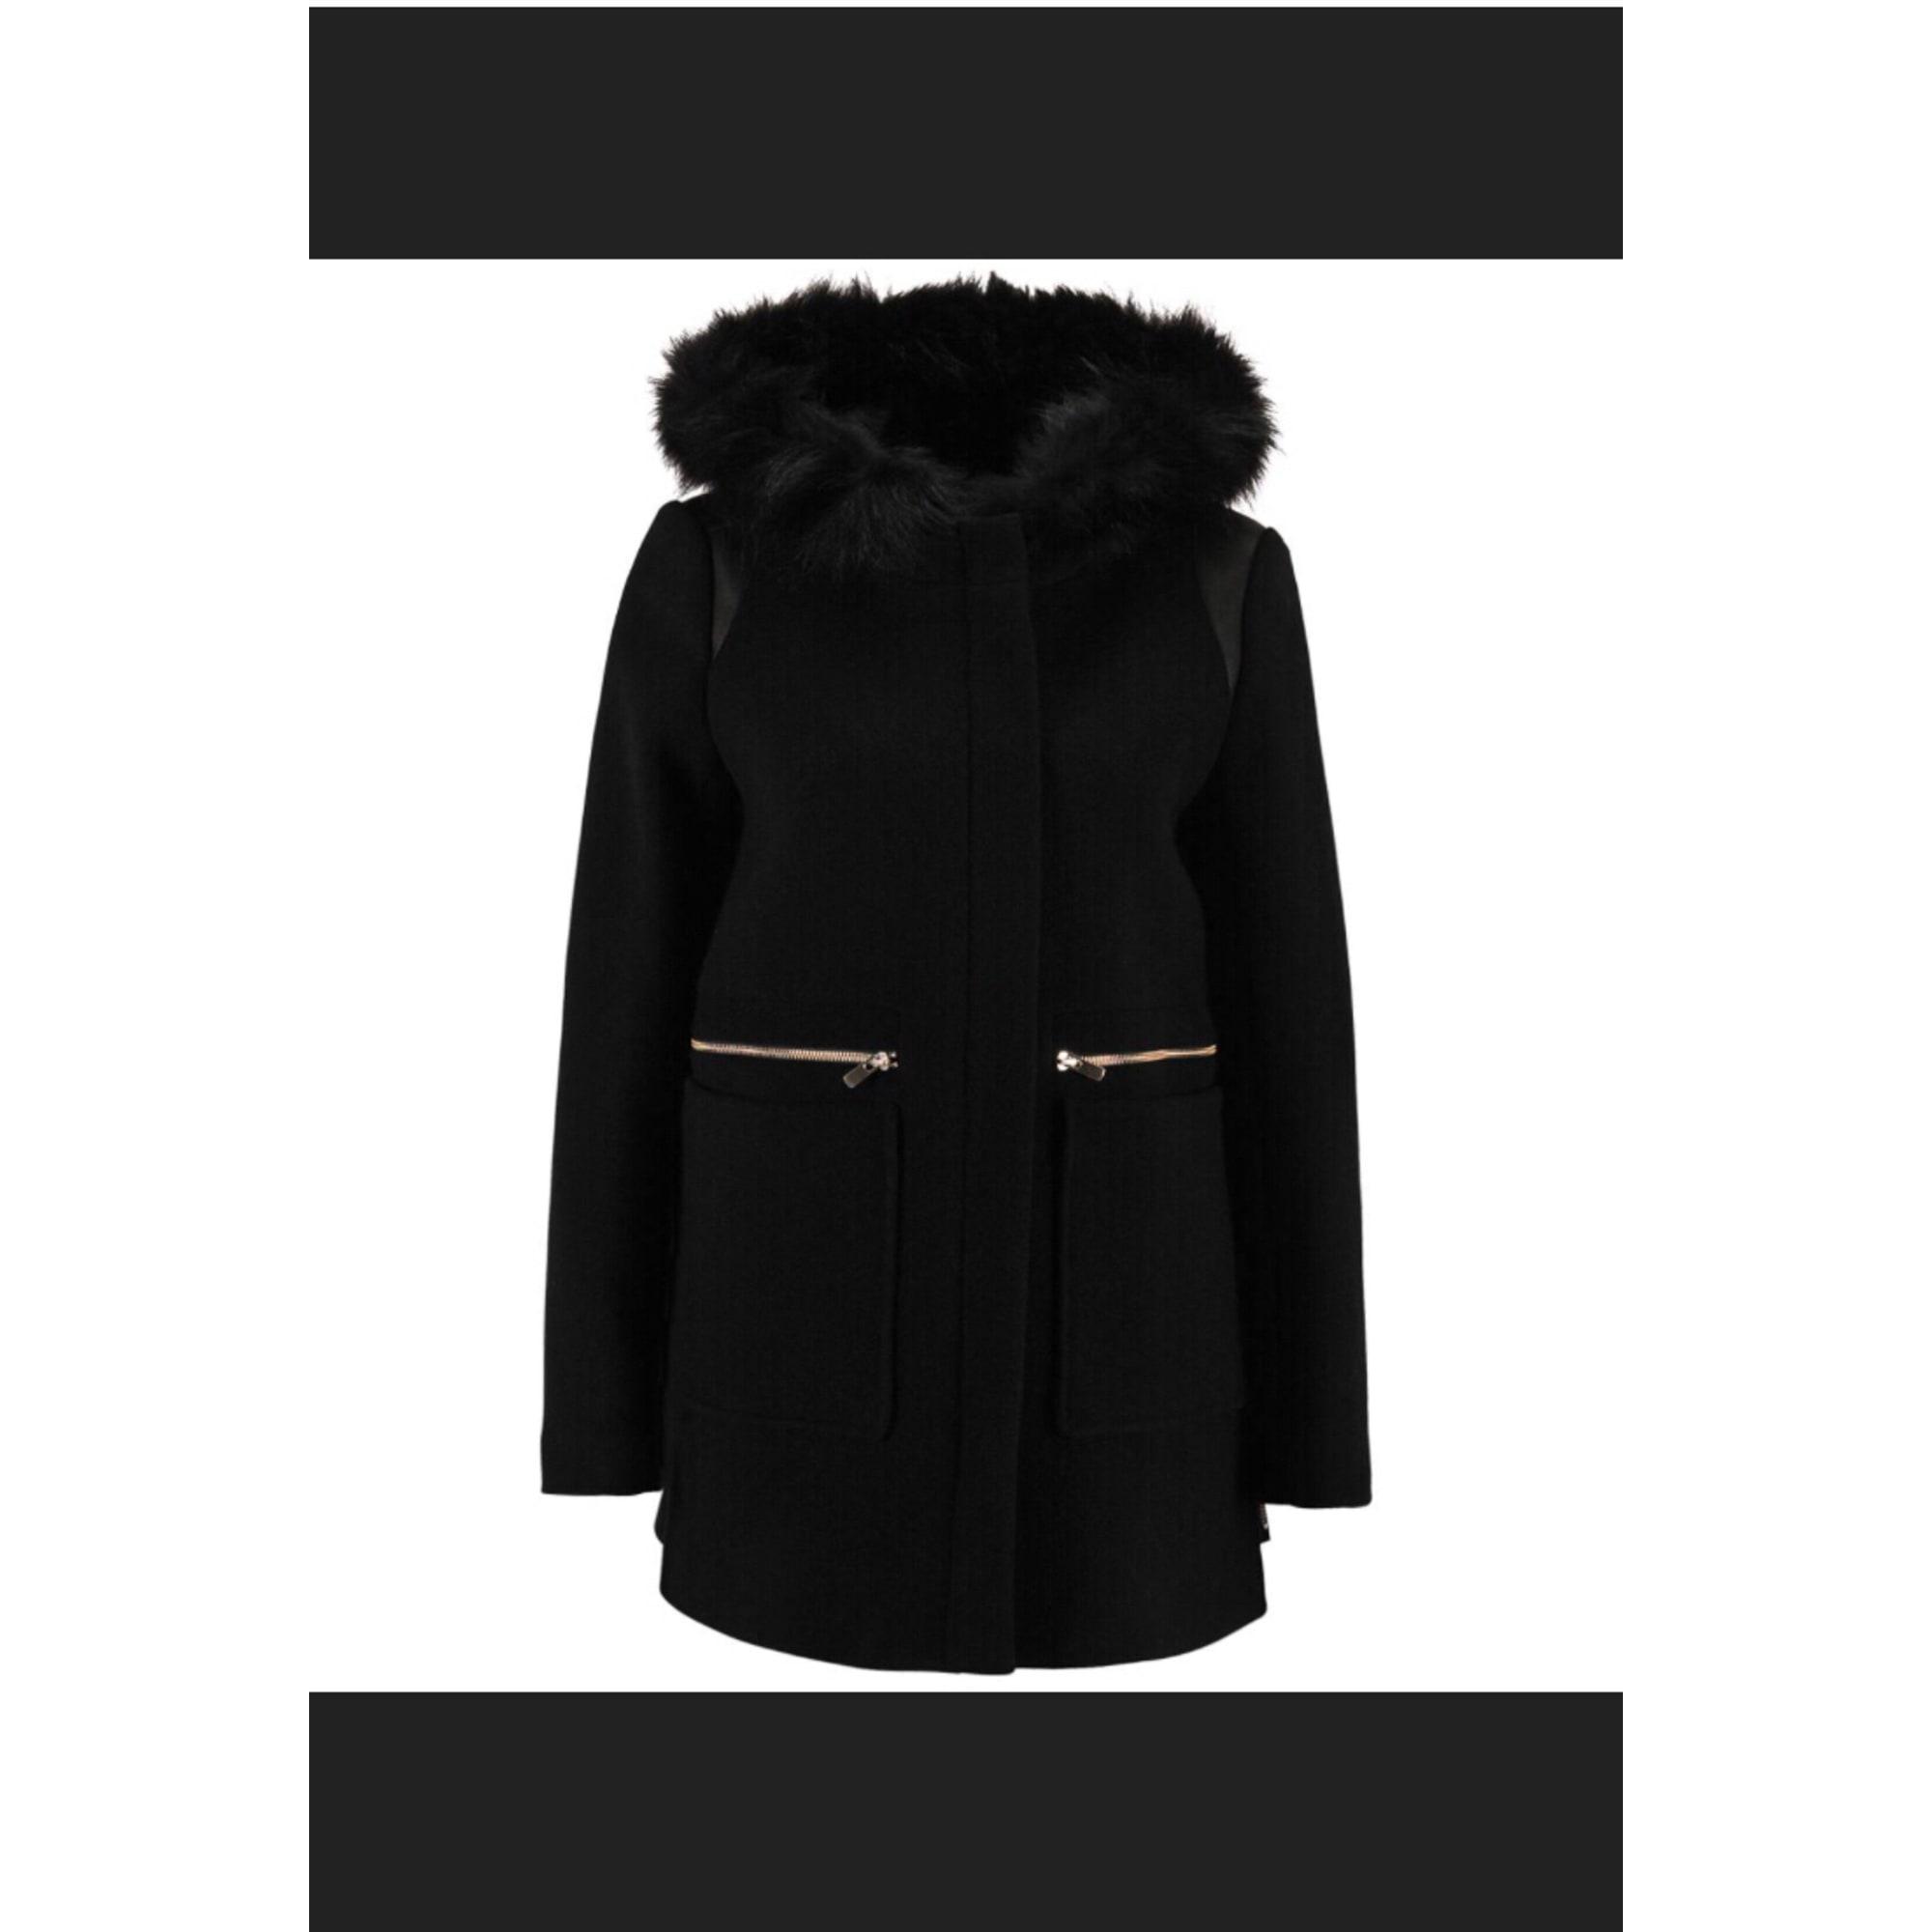 Maje Manteau pour femme en racoon